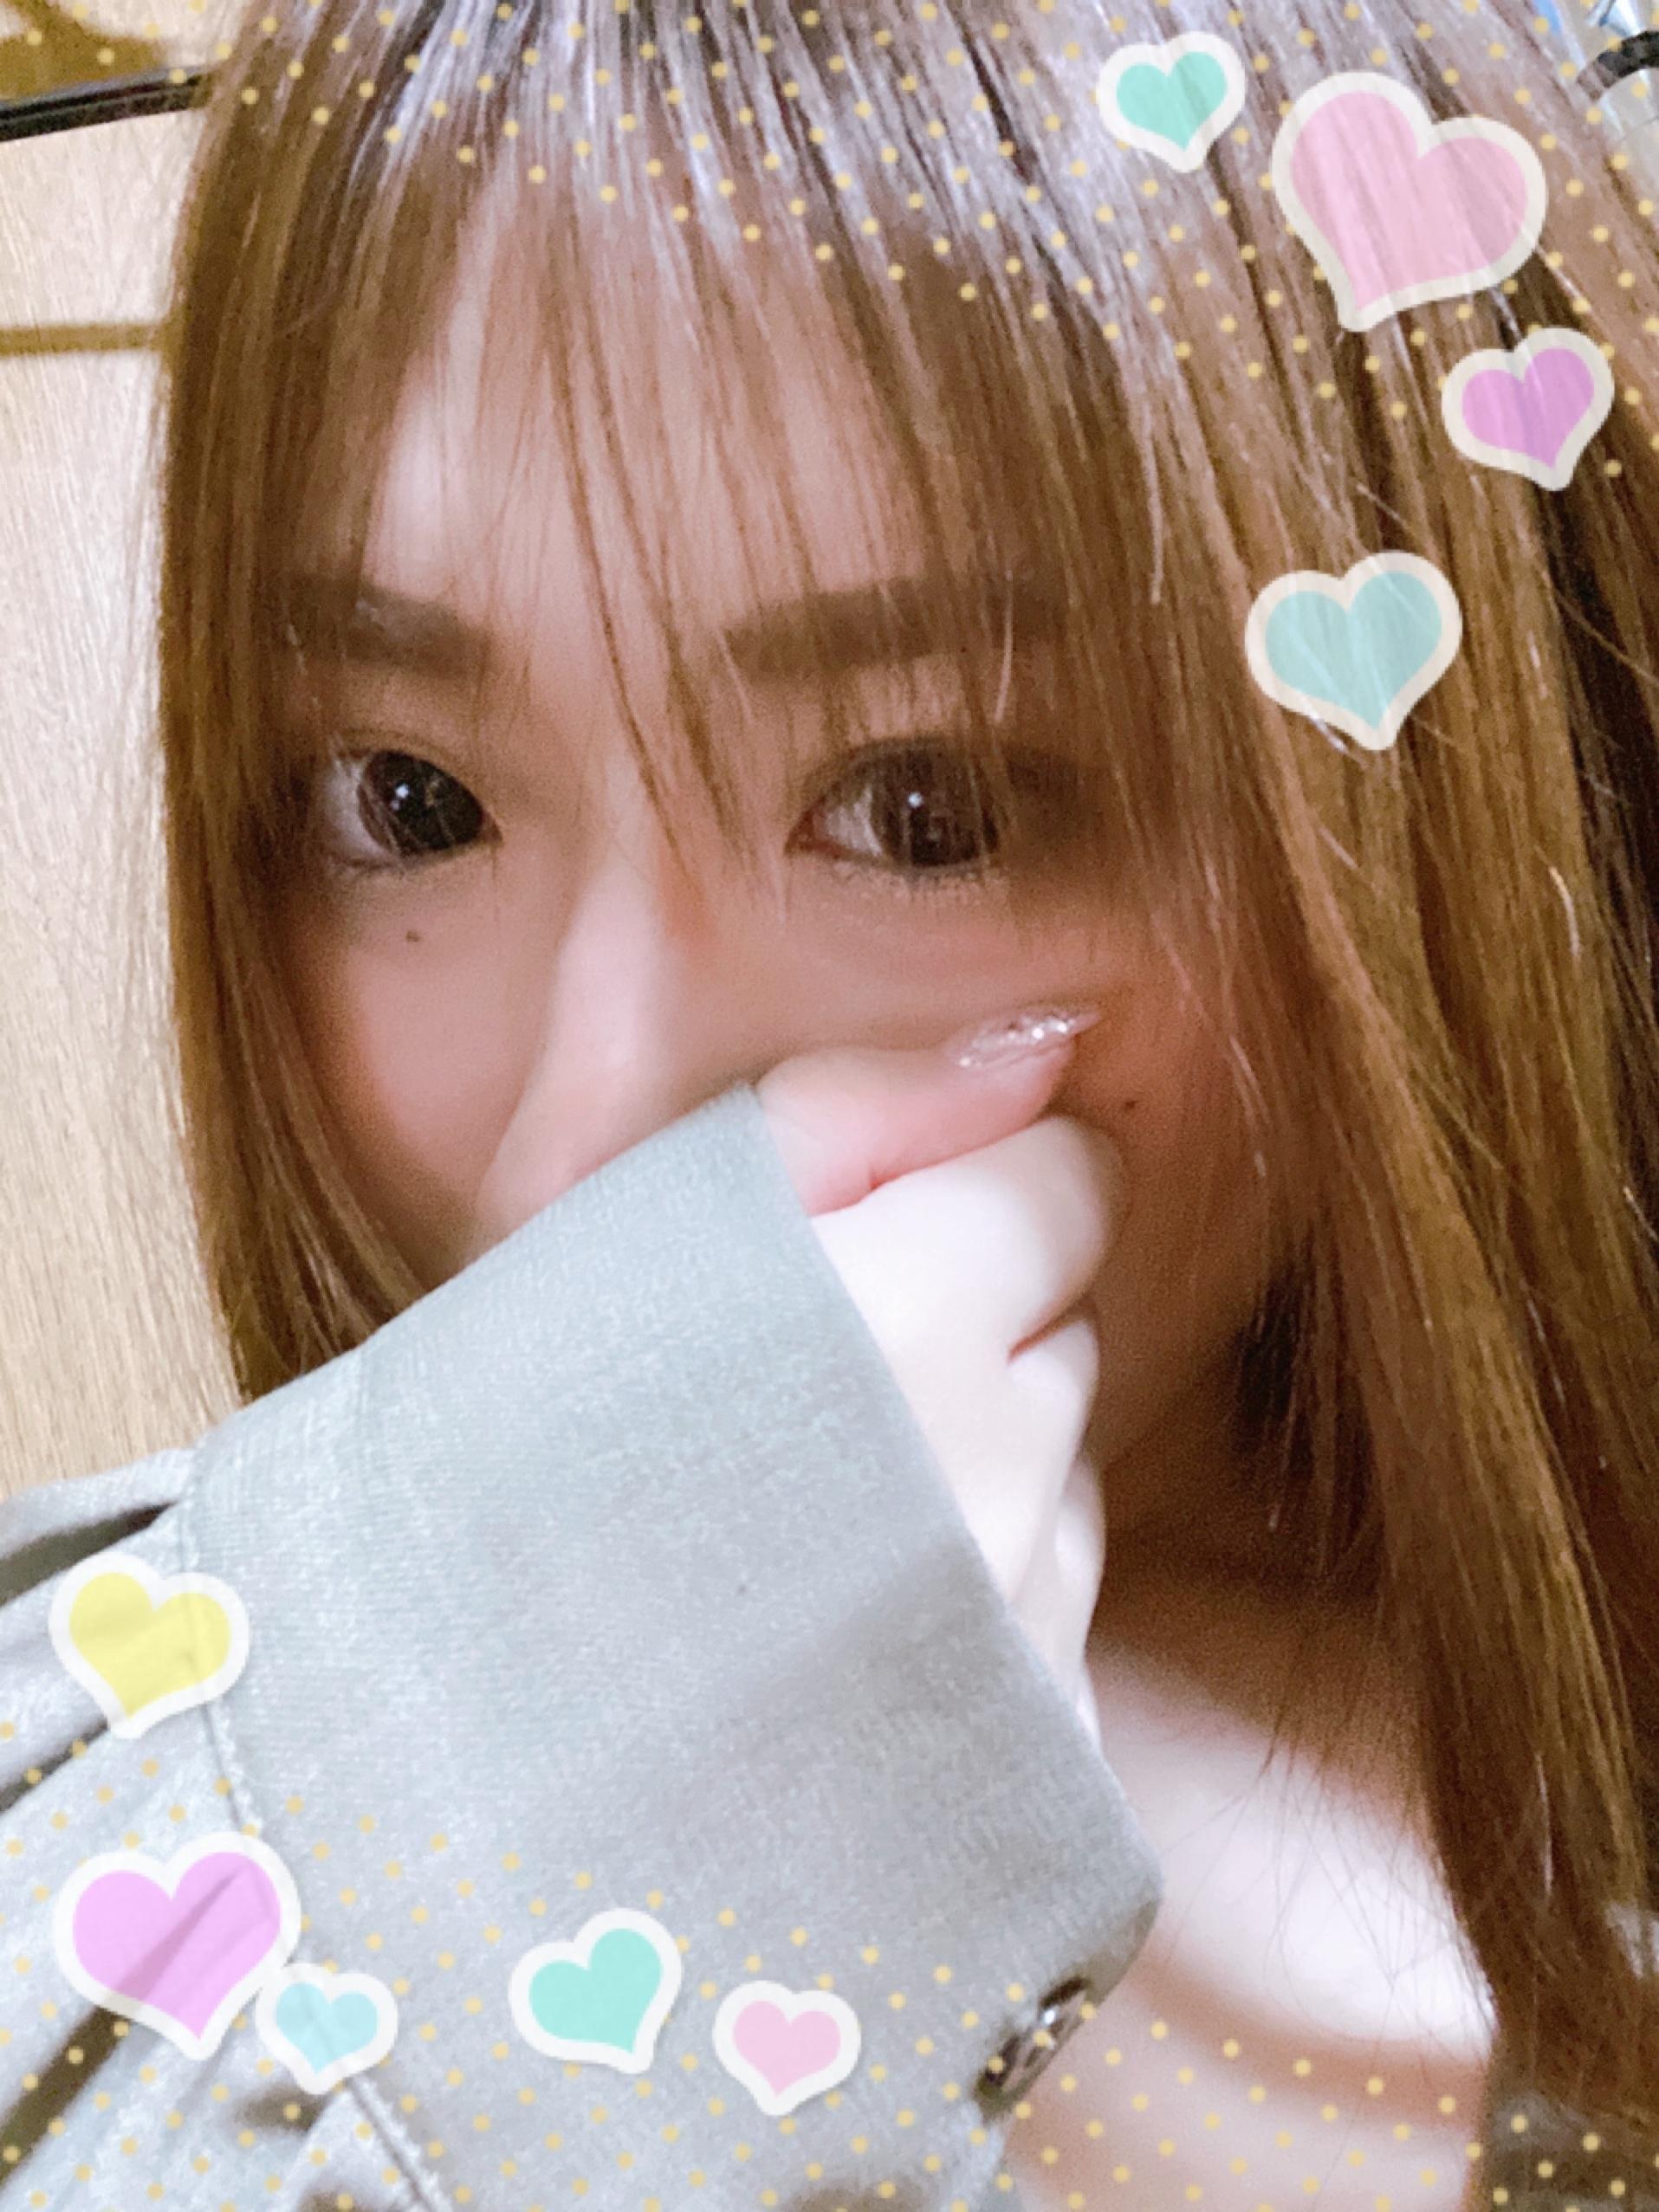 「やばぃい」10/21(木) 02:06   満里奈-まりなの写メ日記